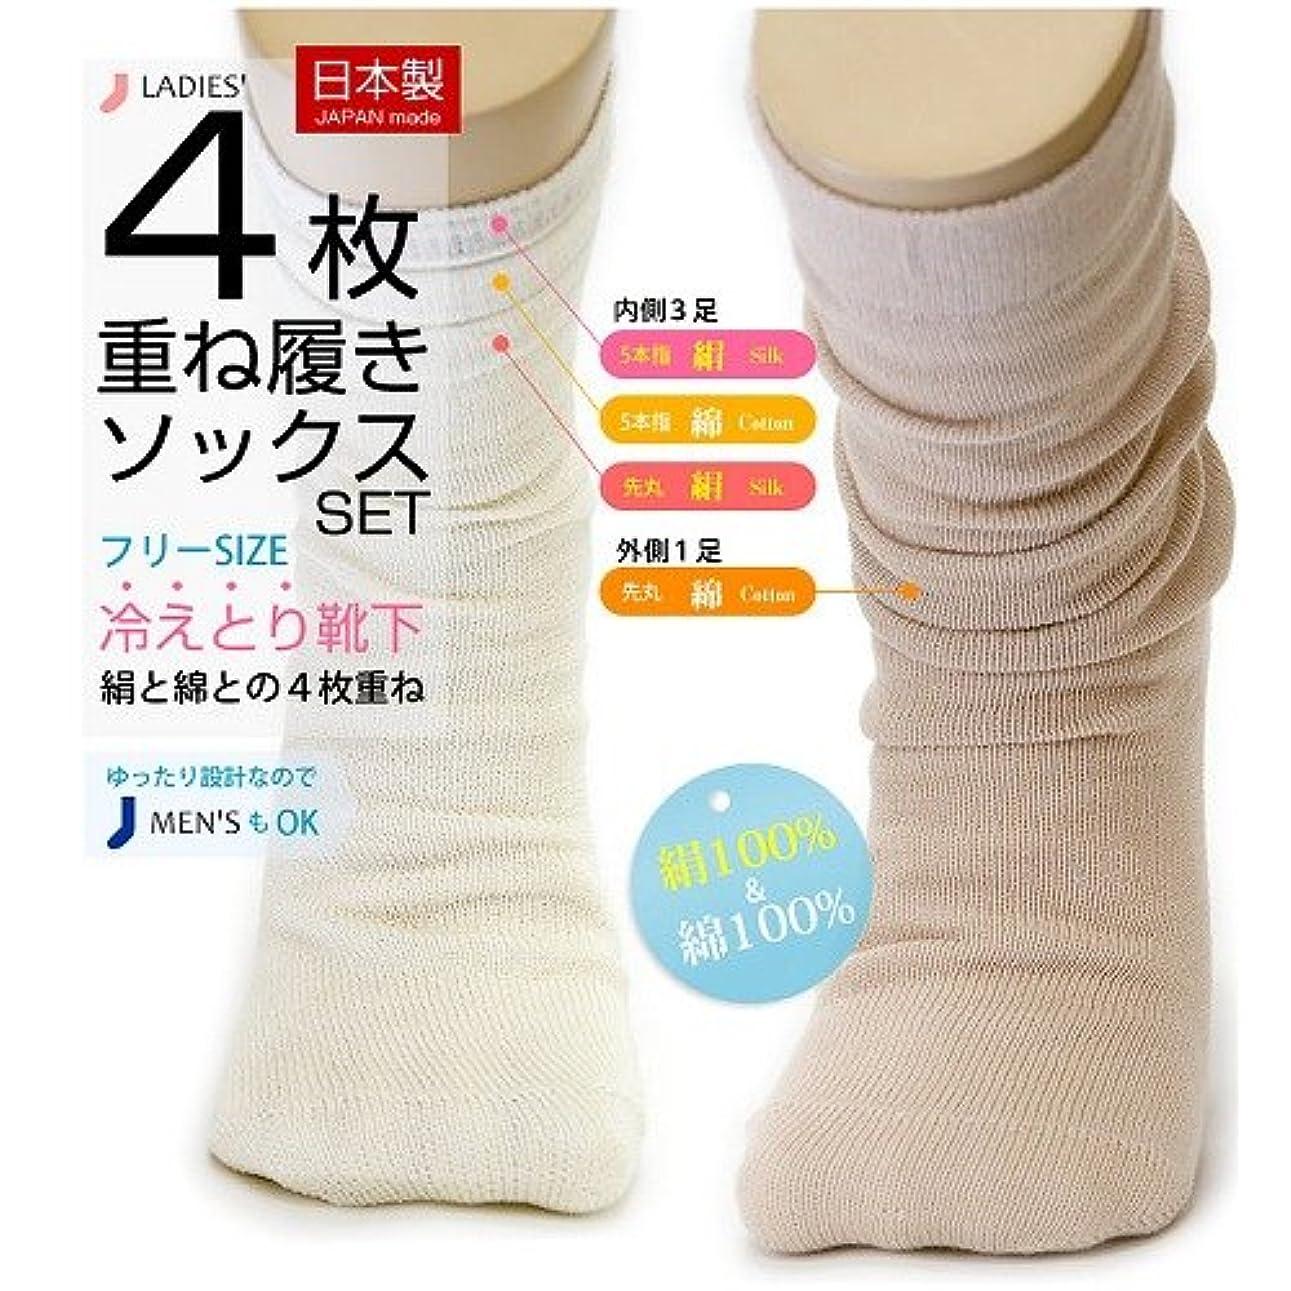 青写真窓怠けた冷え取り靴下 綿100%とシルク100% 最高級の日本製 4枚重ねばきセット(外側チャコール)